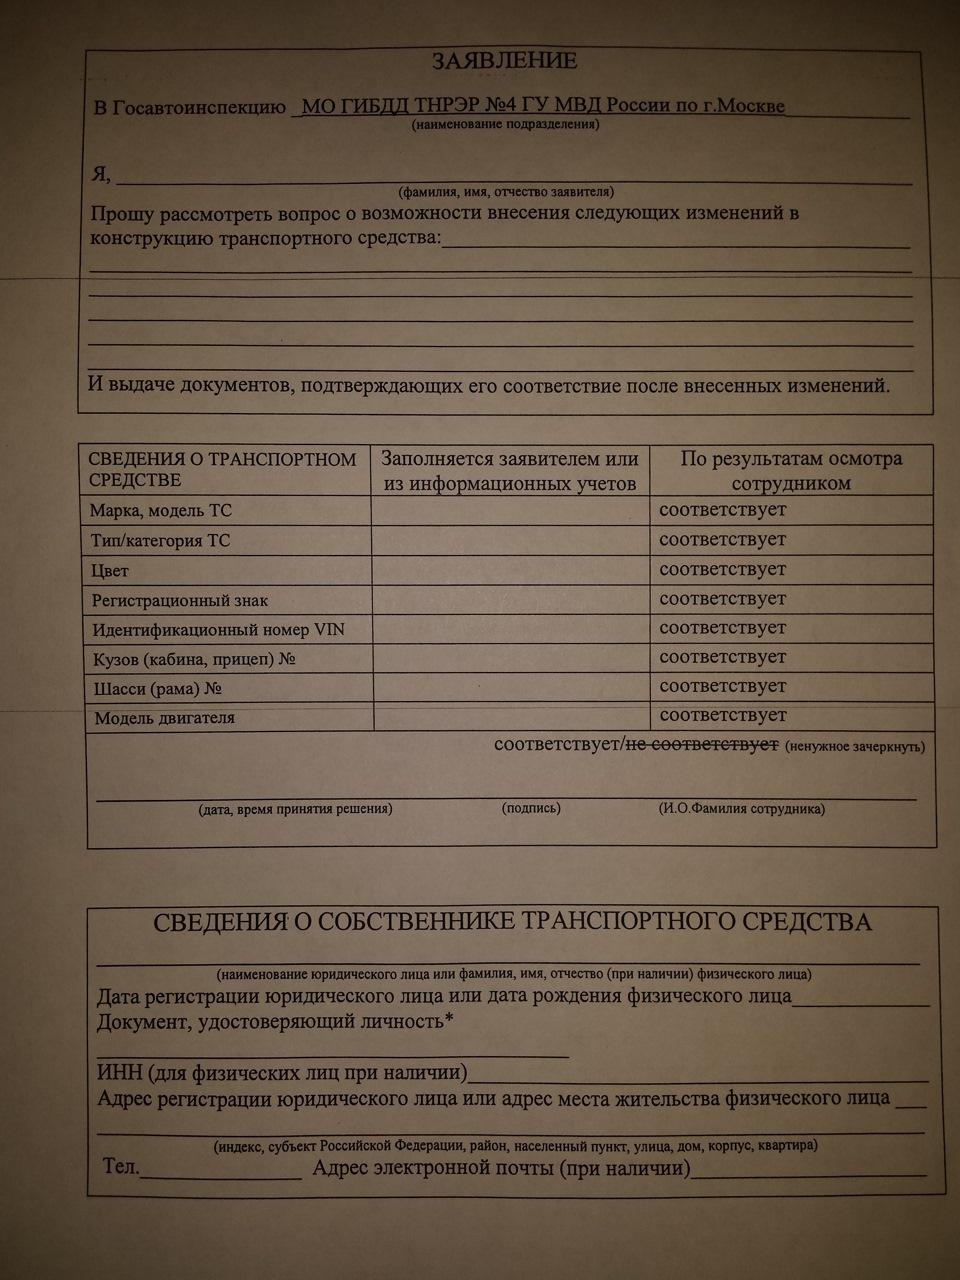 Госавтоинспекция: Направление обращения 53